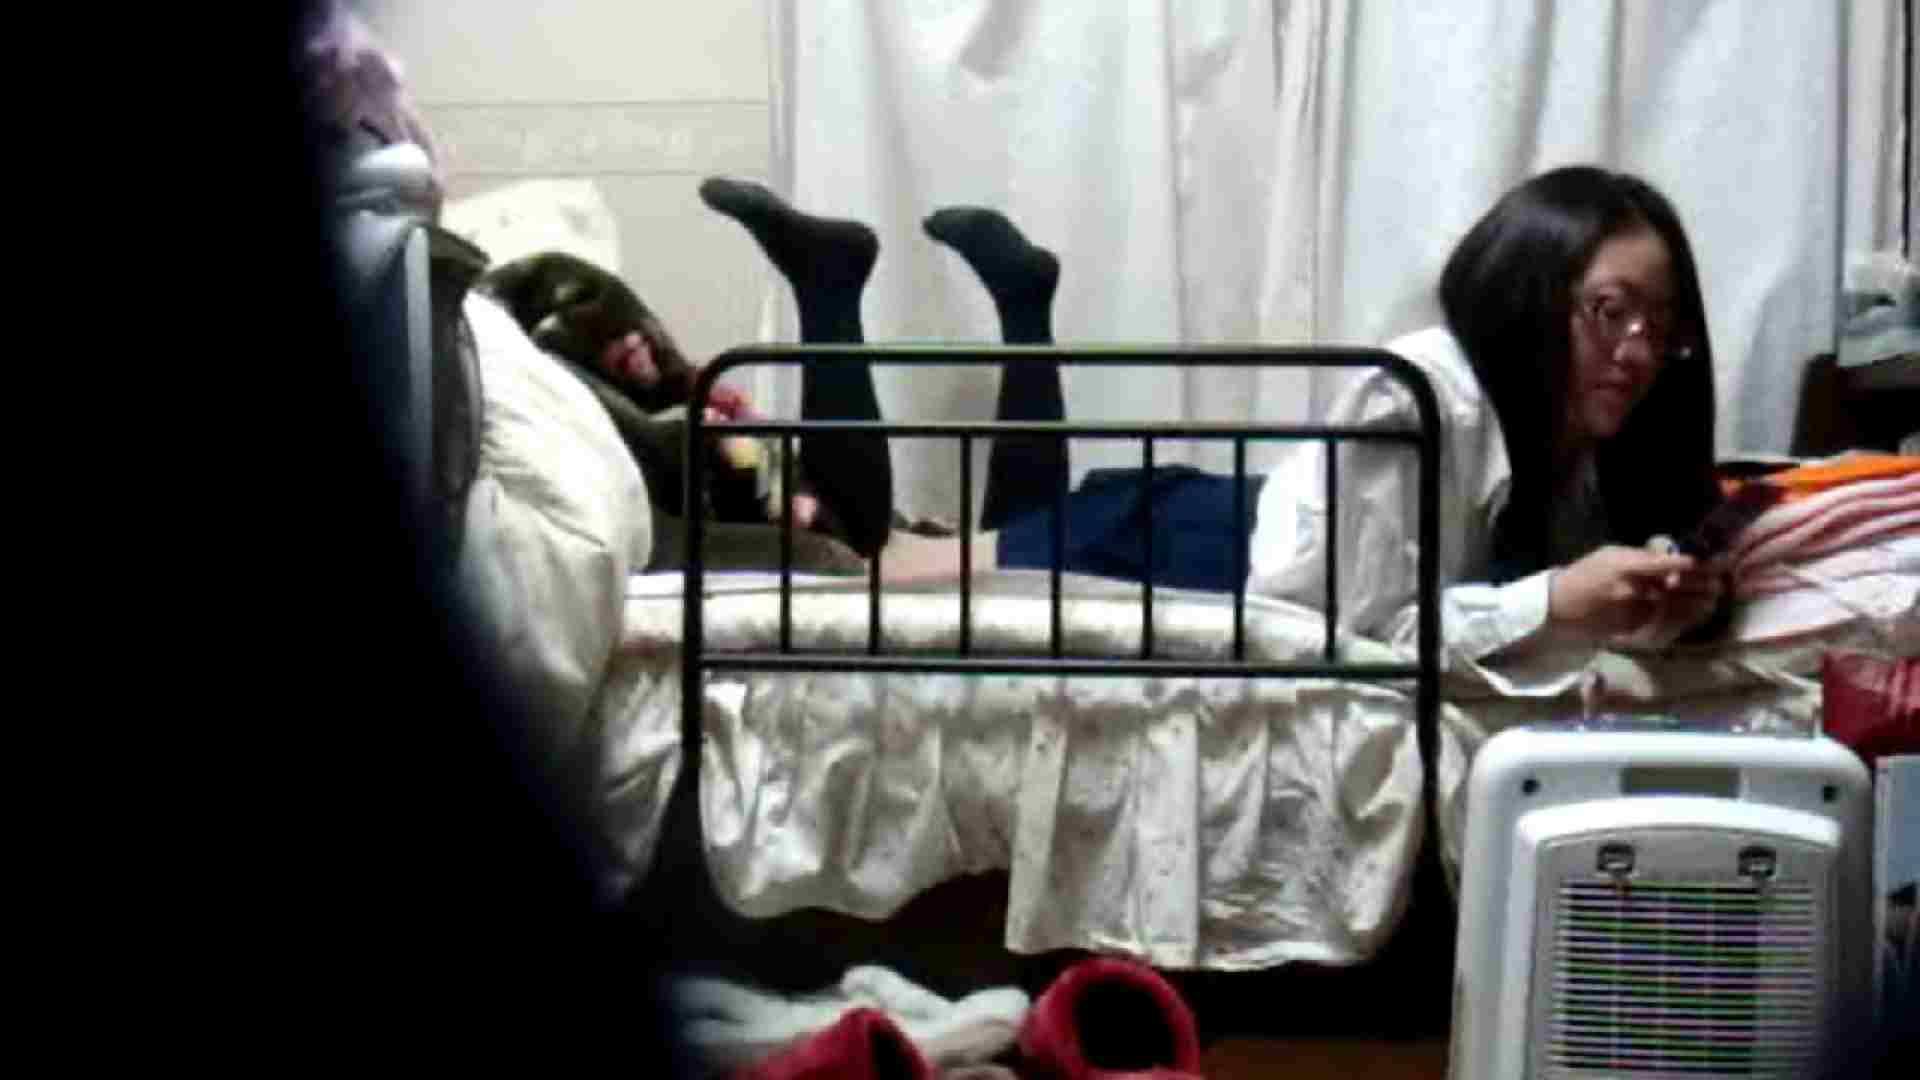 二人とも育てた甲斐がありました… vol.04 まどかが帰宅してベッドでセックス OLセックス | セックス  57画像 29